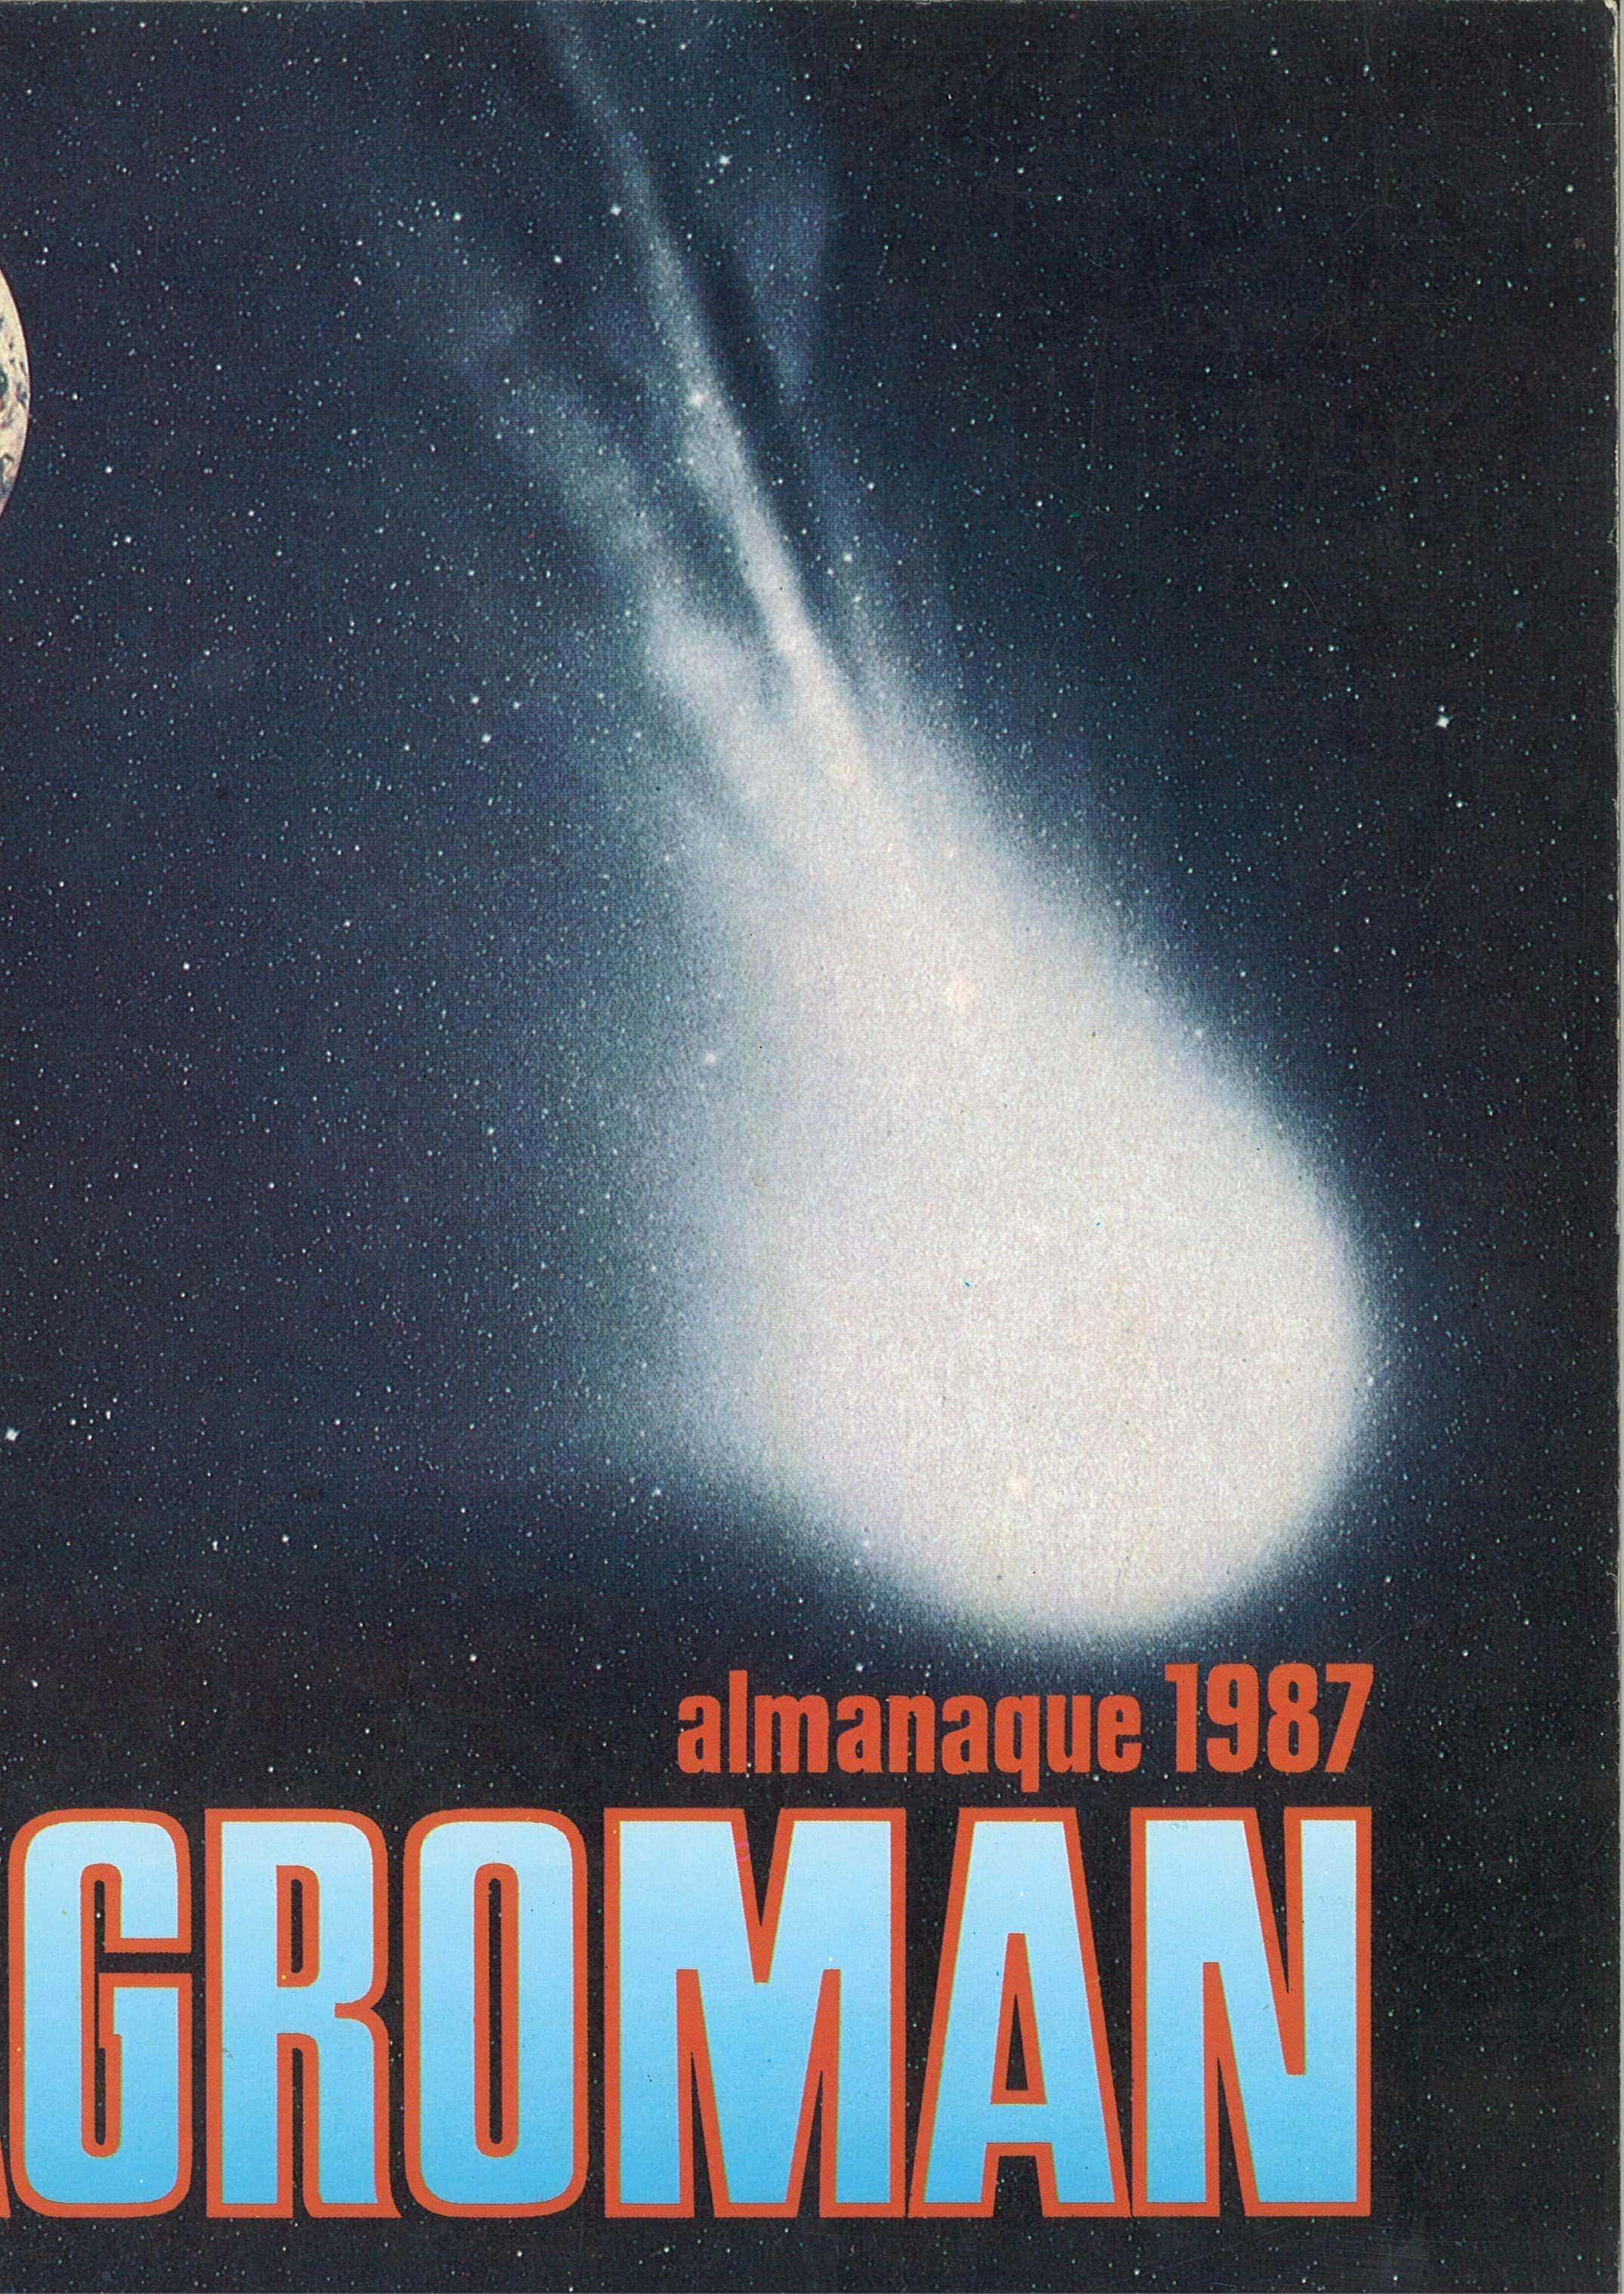 almanaque agroman 1987